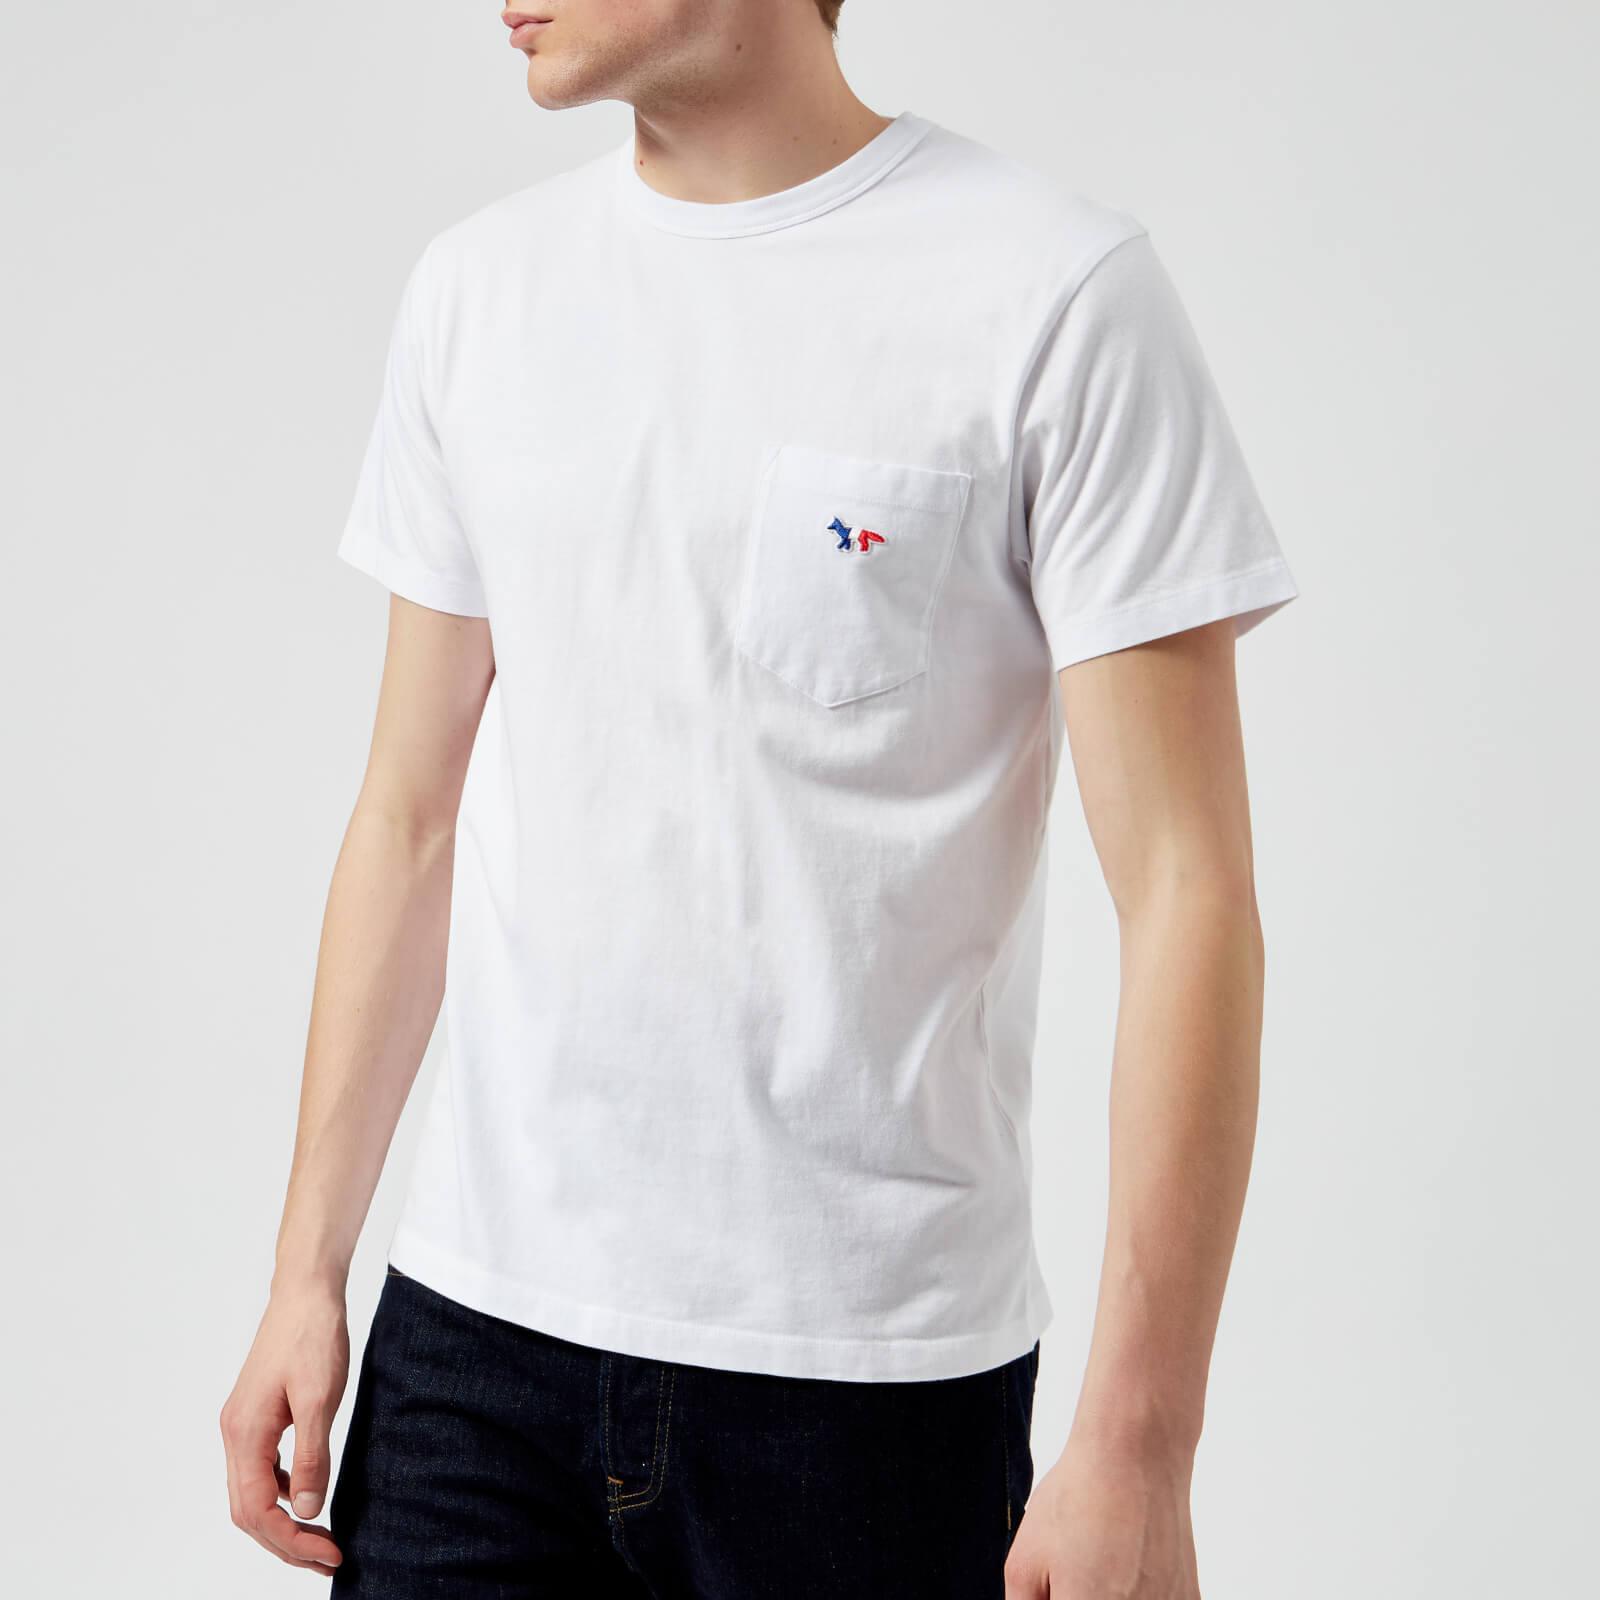 20a532b0c953 Maison Kitsuné Men s Tricolor Fox Patch T-Shirt - White - Free UK Delivery  over £50